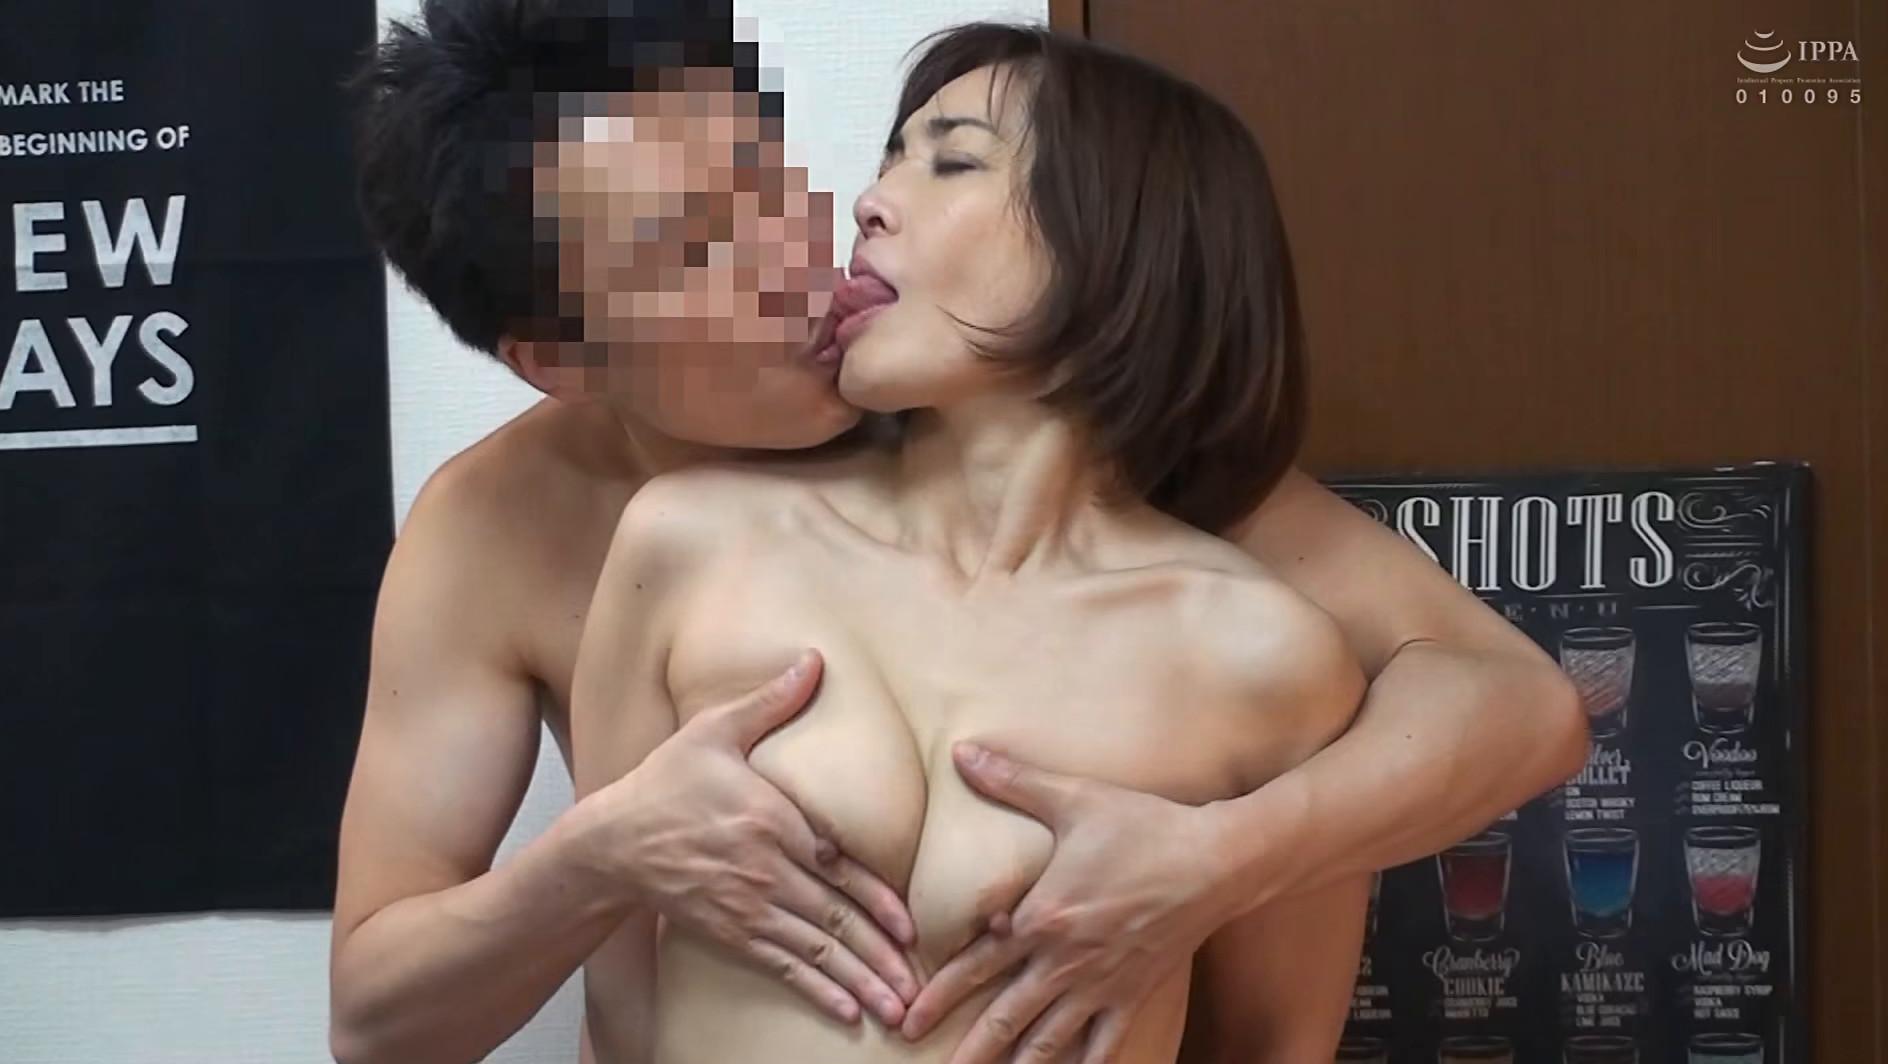 本気になるおばさん。久しぶりの本気SEXに溺れた嶋崎かすみさん(48歳)の場合 画像10